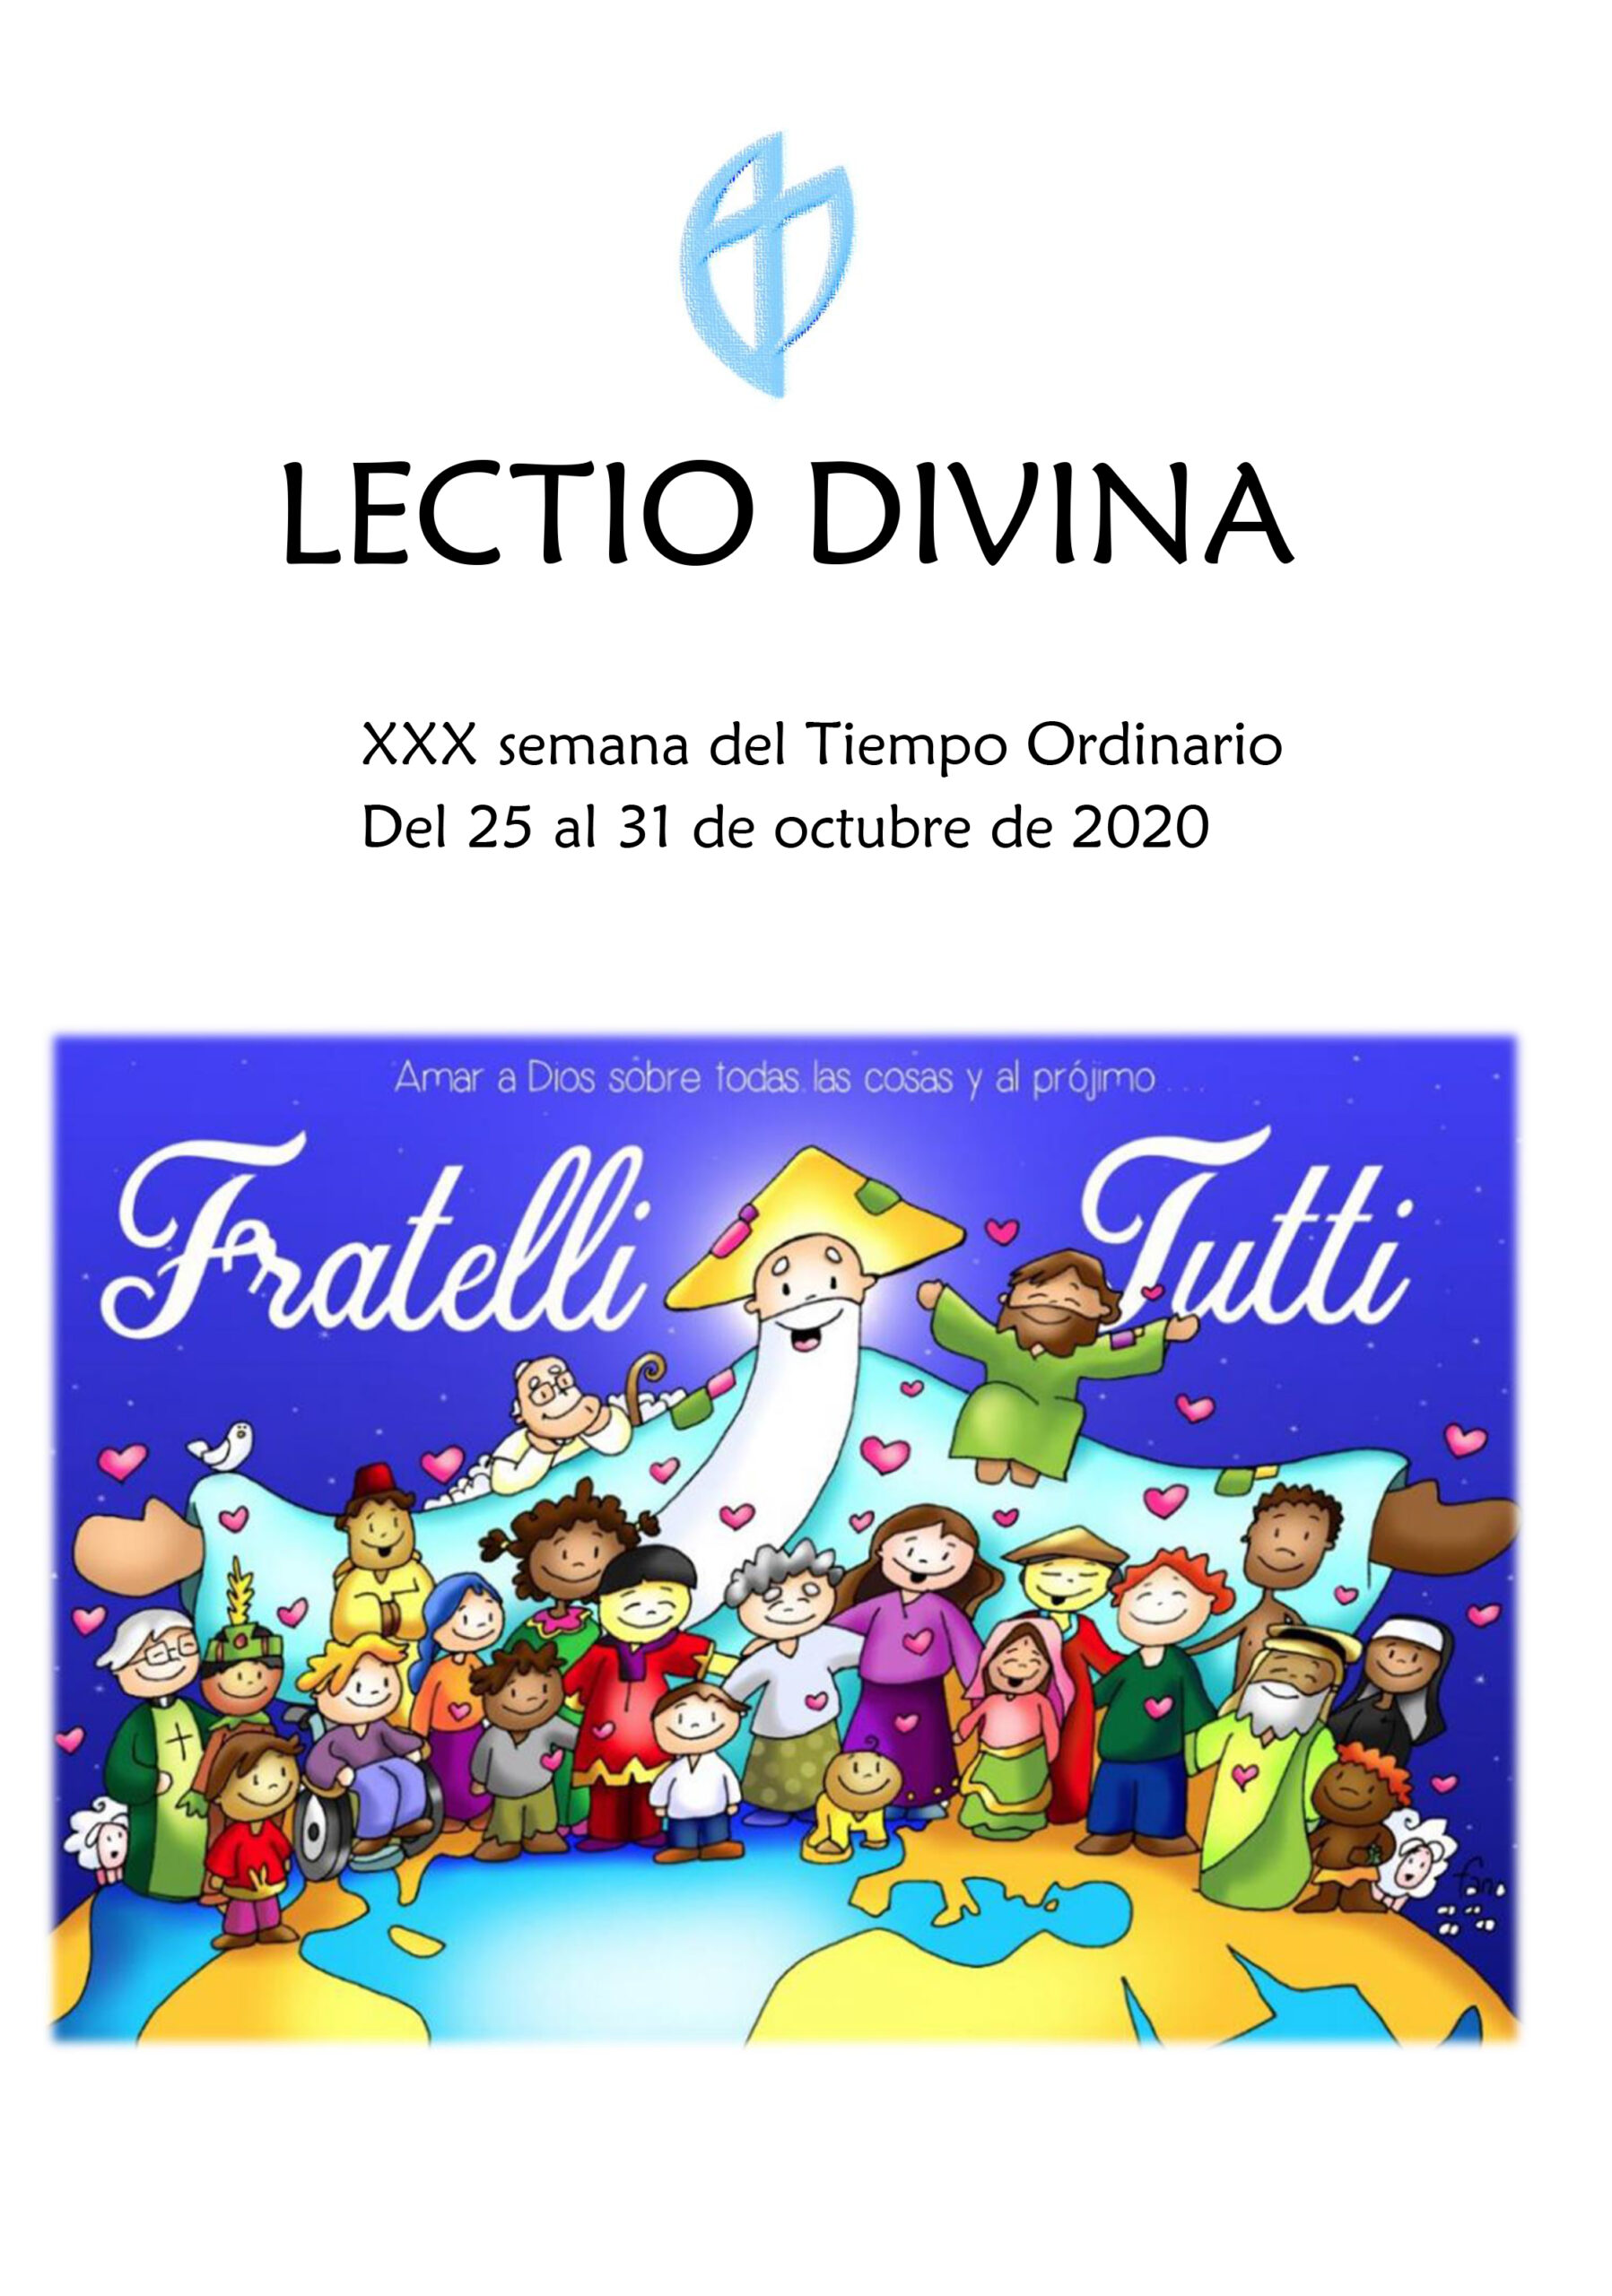 XXX Semana del Tiempo Ordinario (25 al 31 de Octubre de 2020)